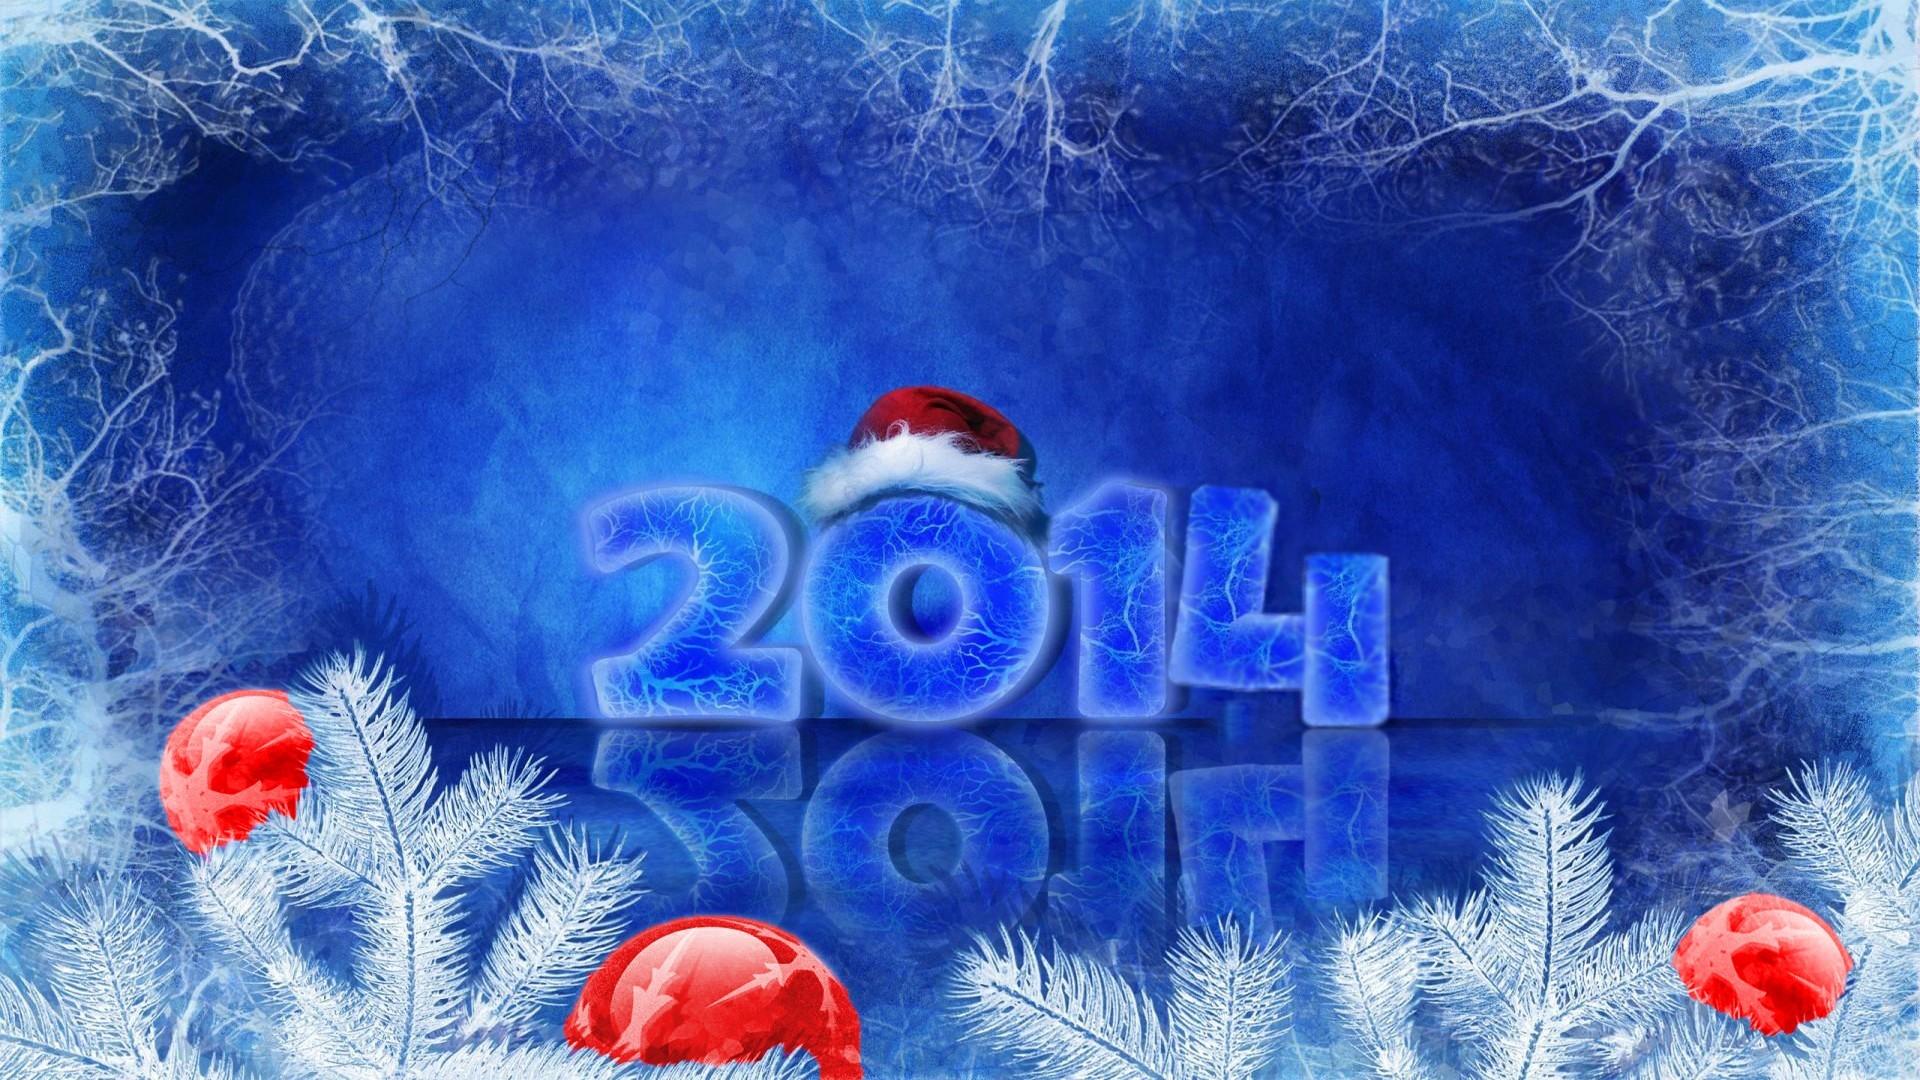 Открытки с новым годом на 2011 года